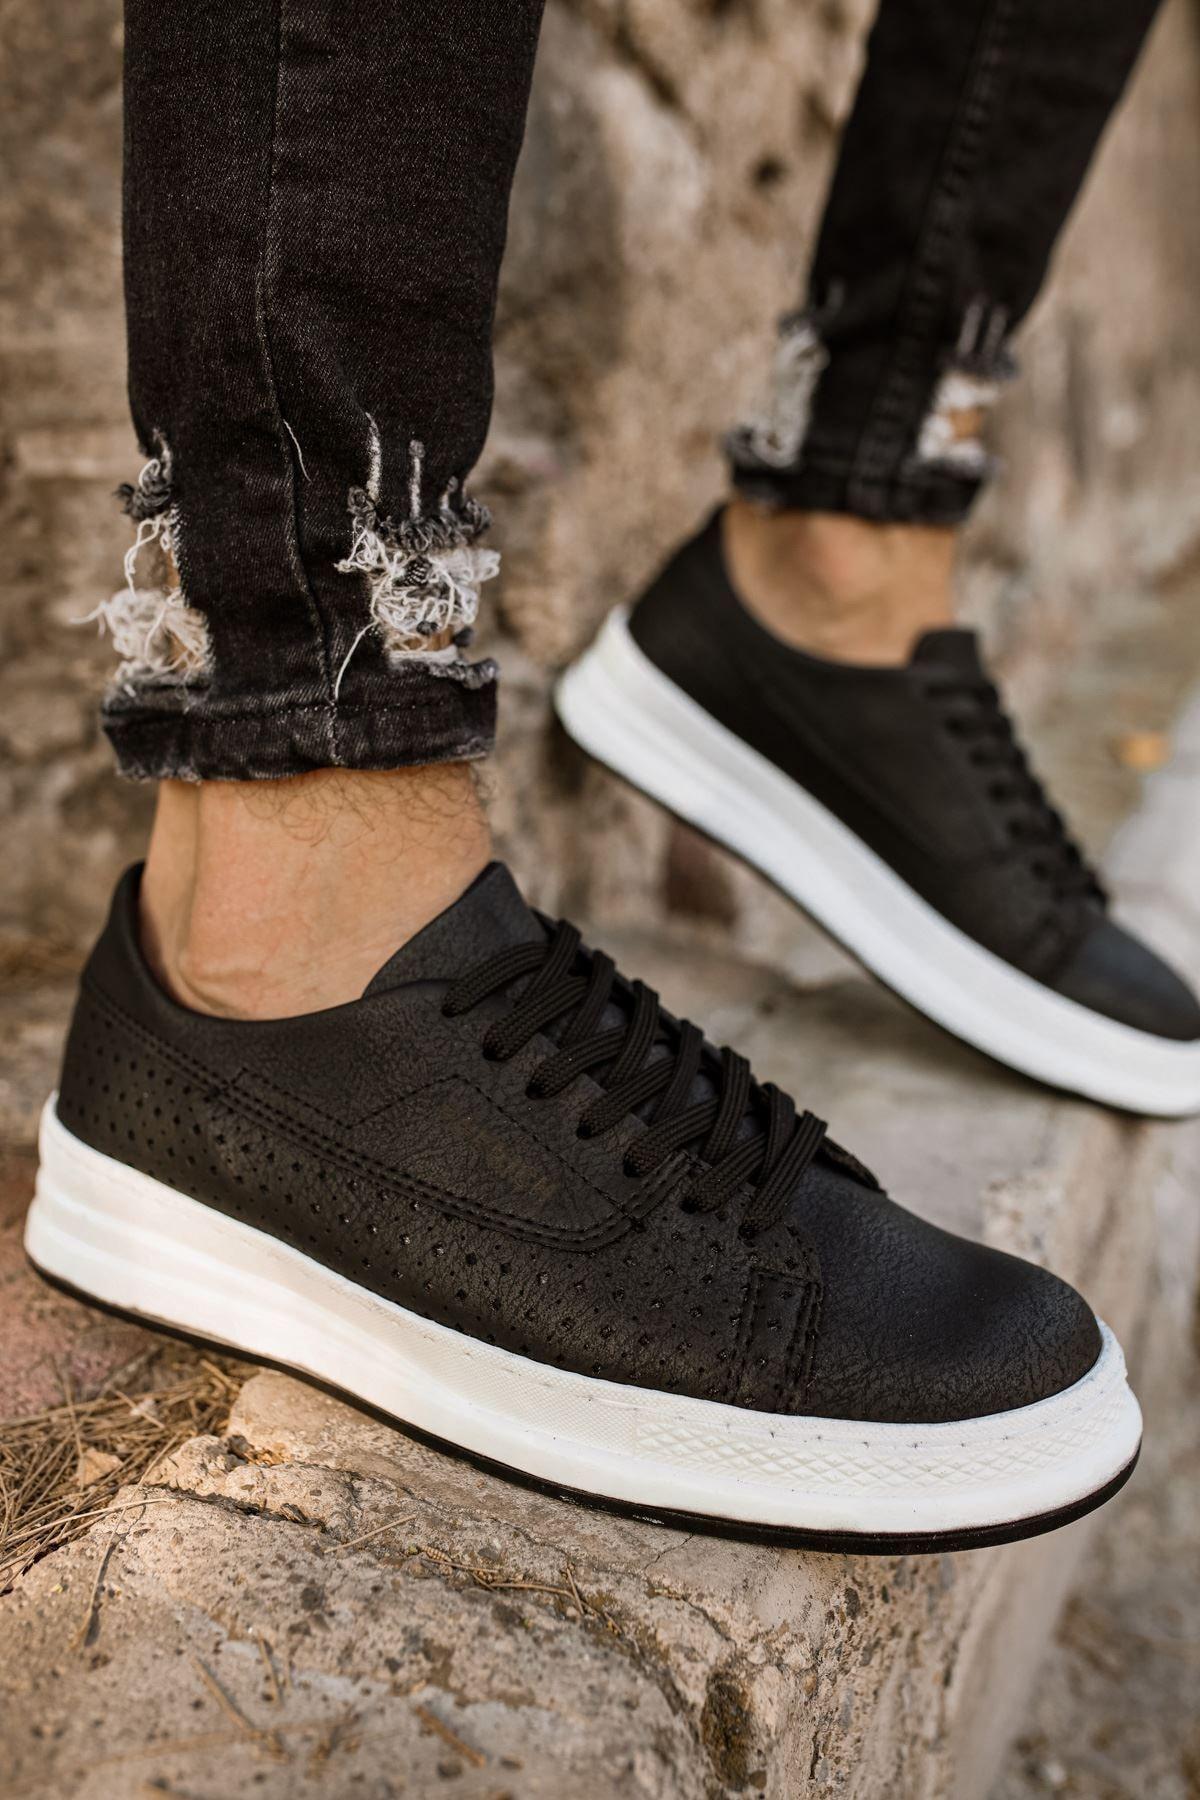 Chekich Erkek Siyah Beyaz Spor Ayakkabı Ch043 1